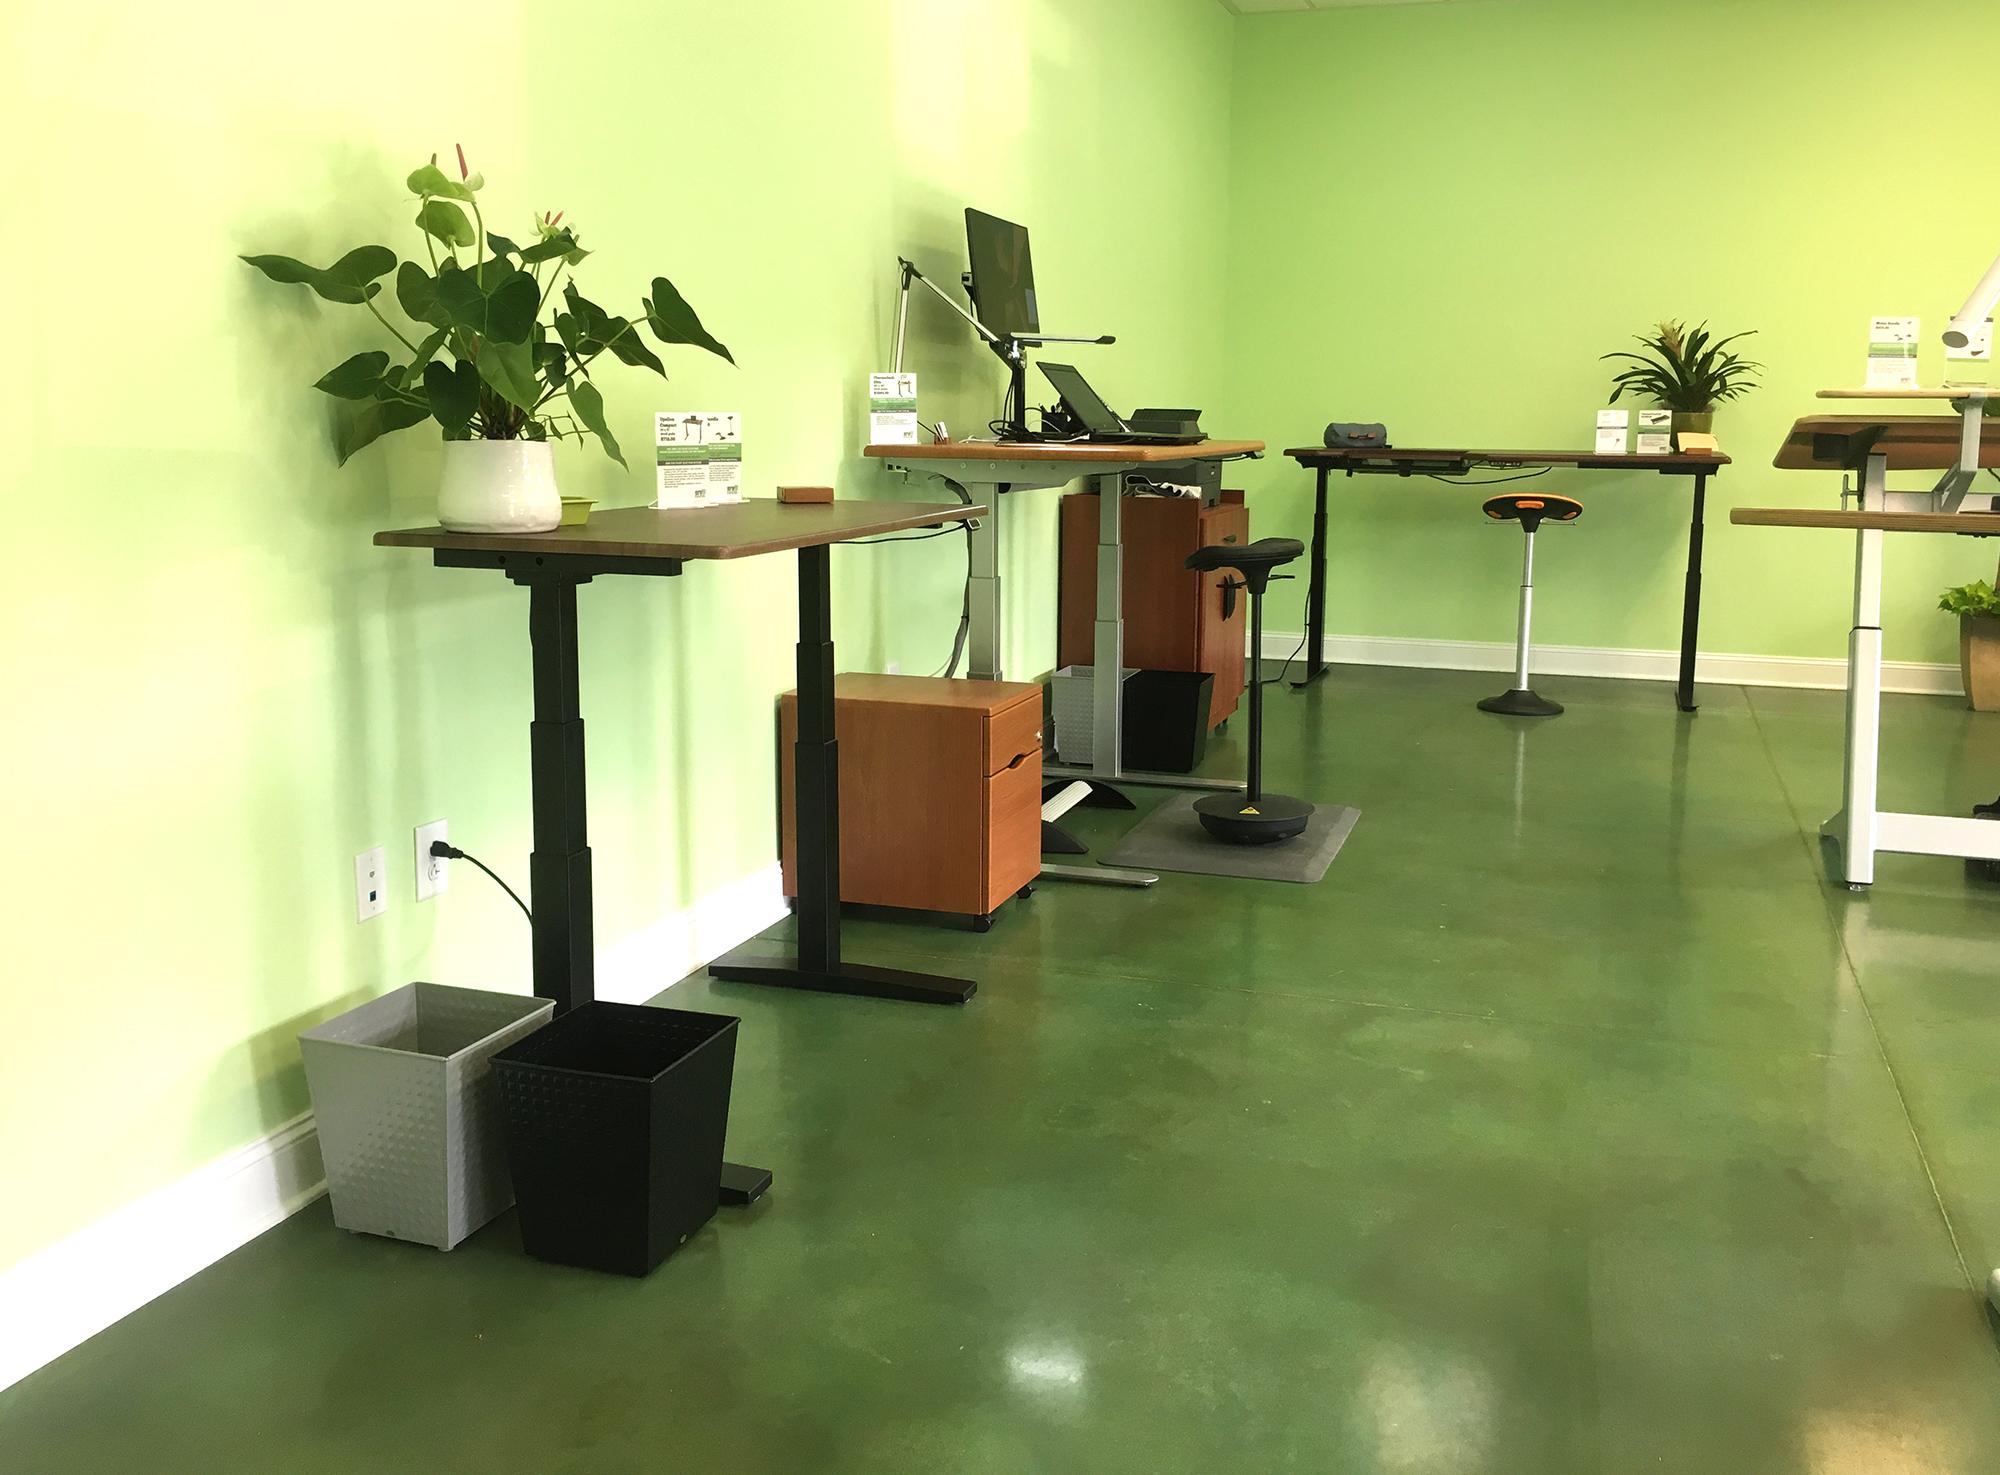 Ergo and Eco Showroom South Carolina